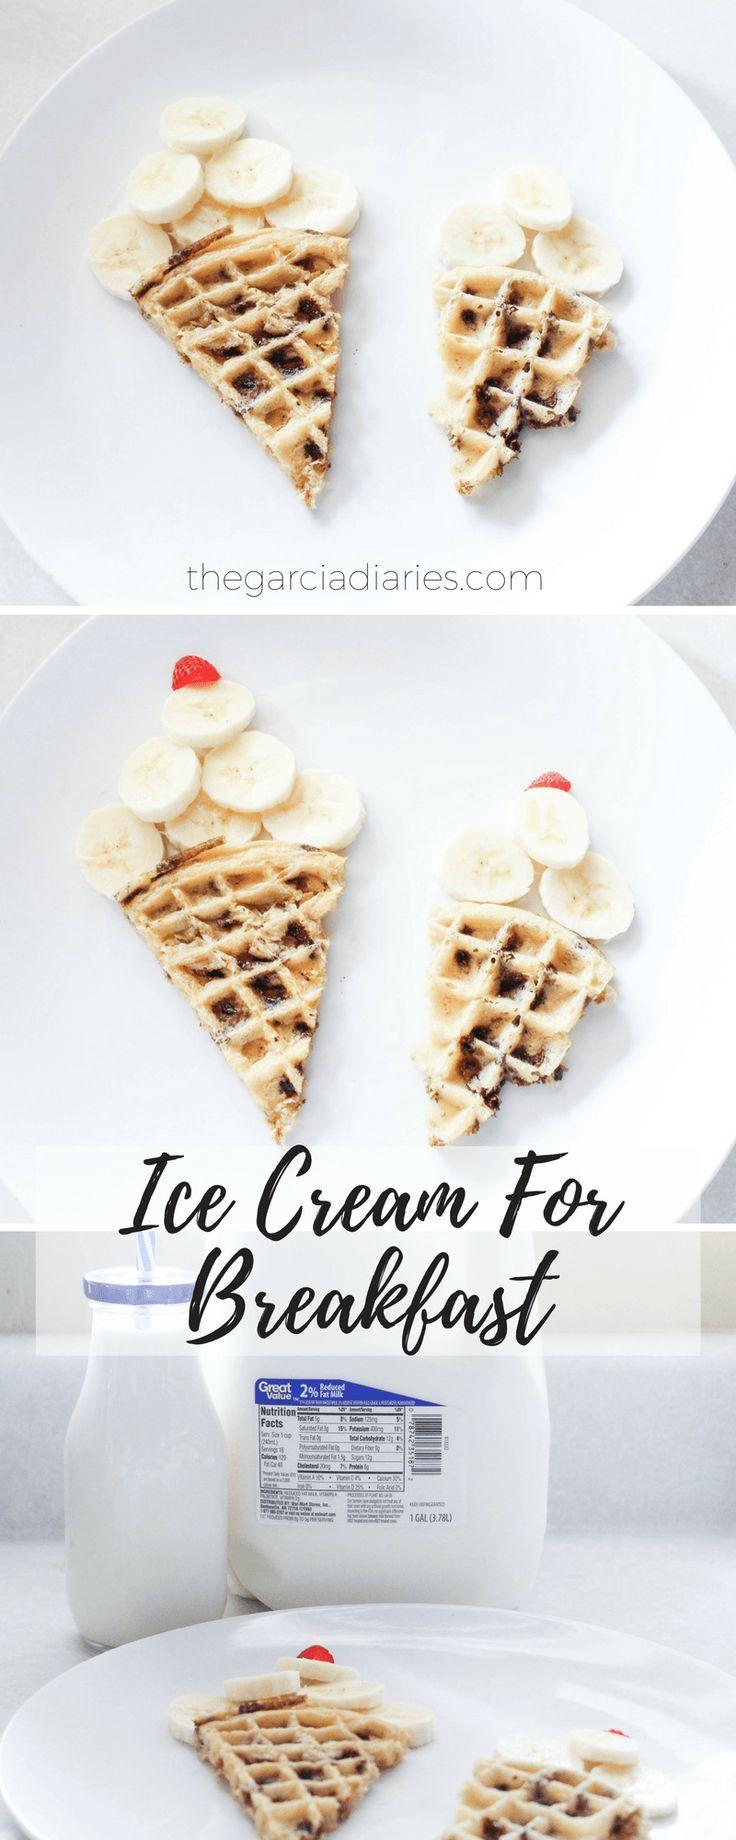 Ice Cream For Breakfast - Easy Food Art For Breakfast - Kids